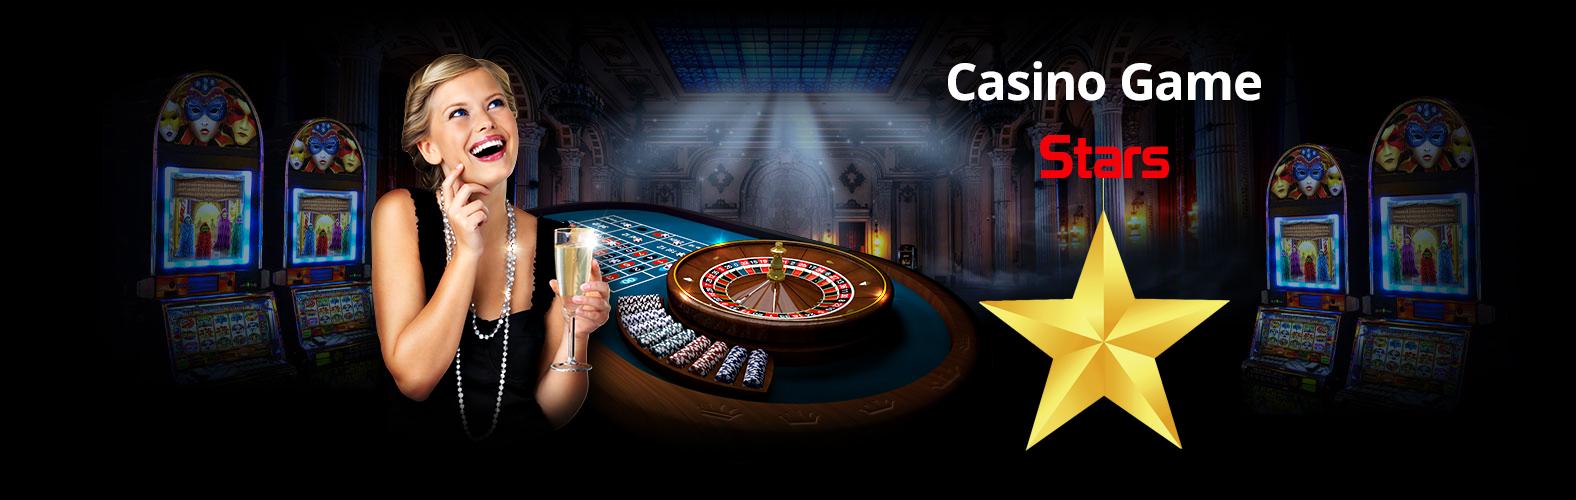 Casino Game Stars